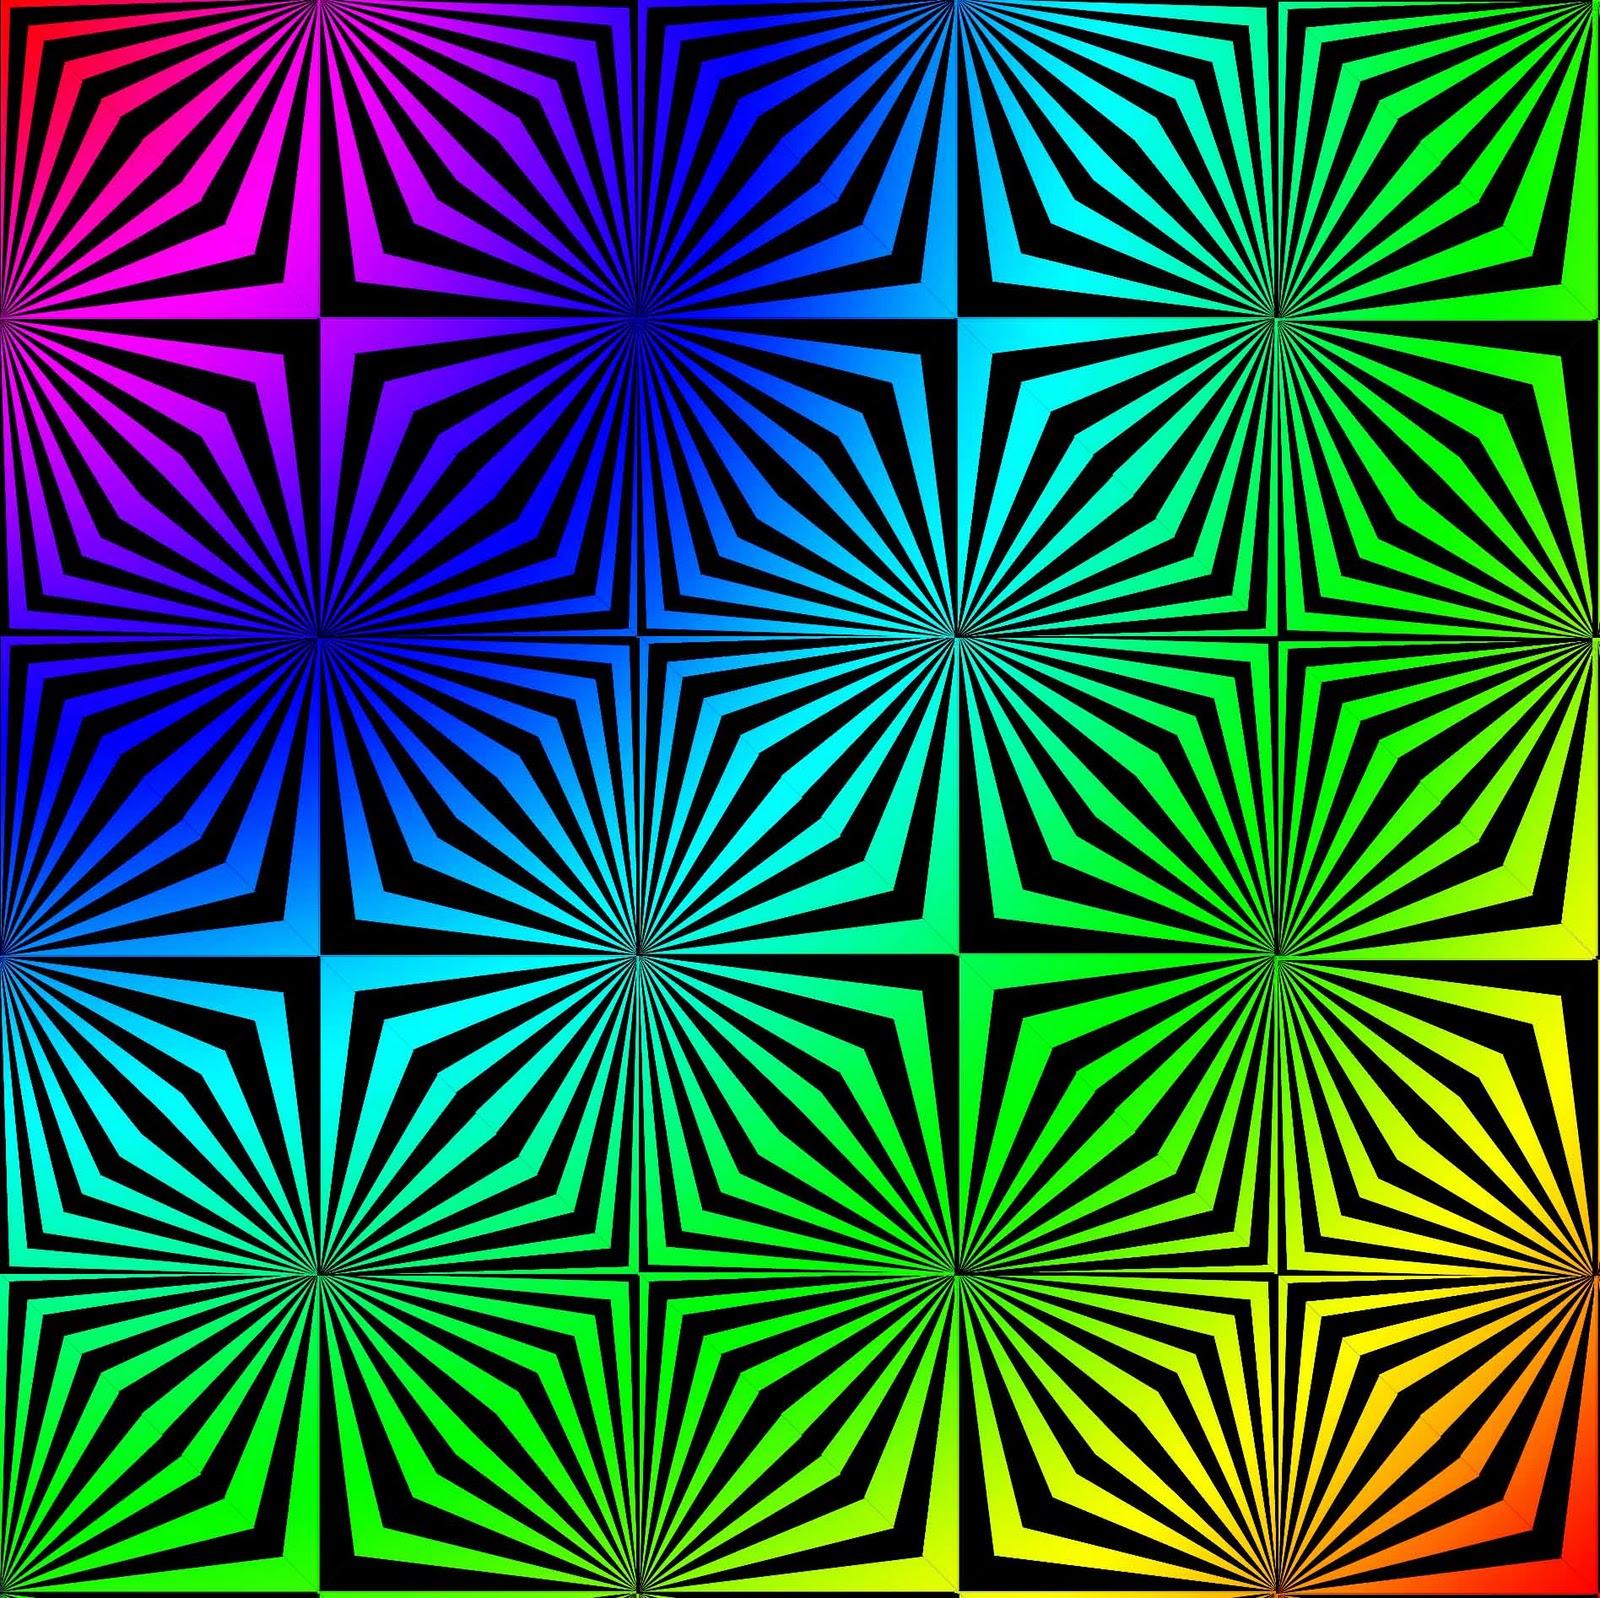 Line Unity Art : D design unity